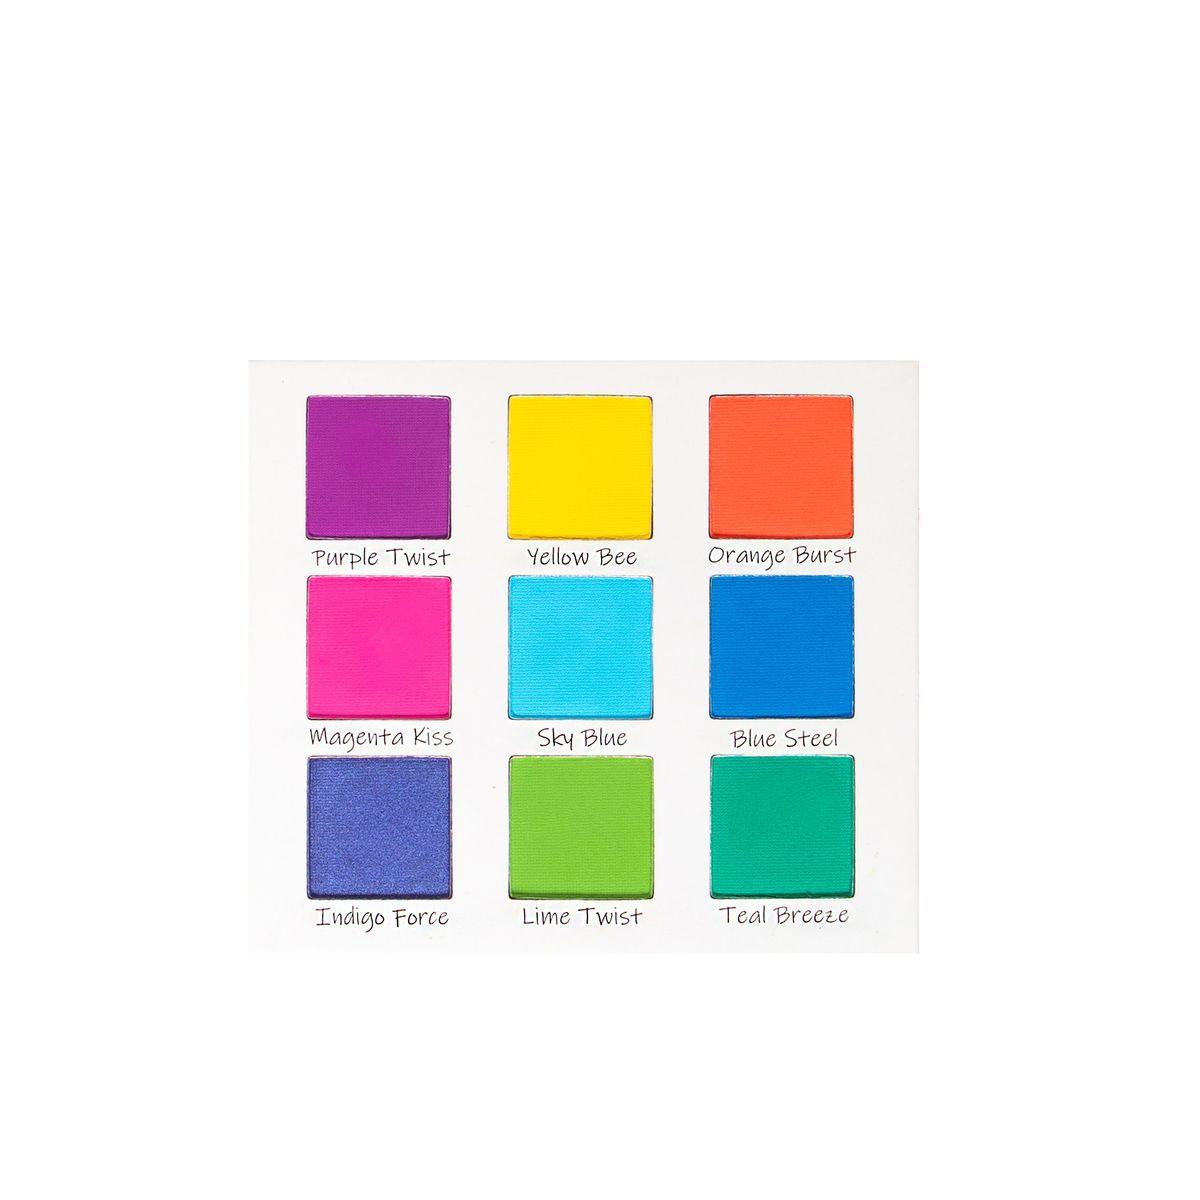 Paleta de Sombra Splash of Hues 1 | Beauty Creations